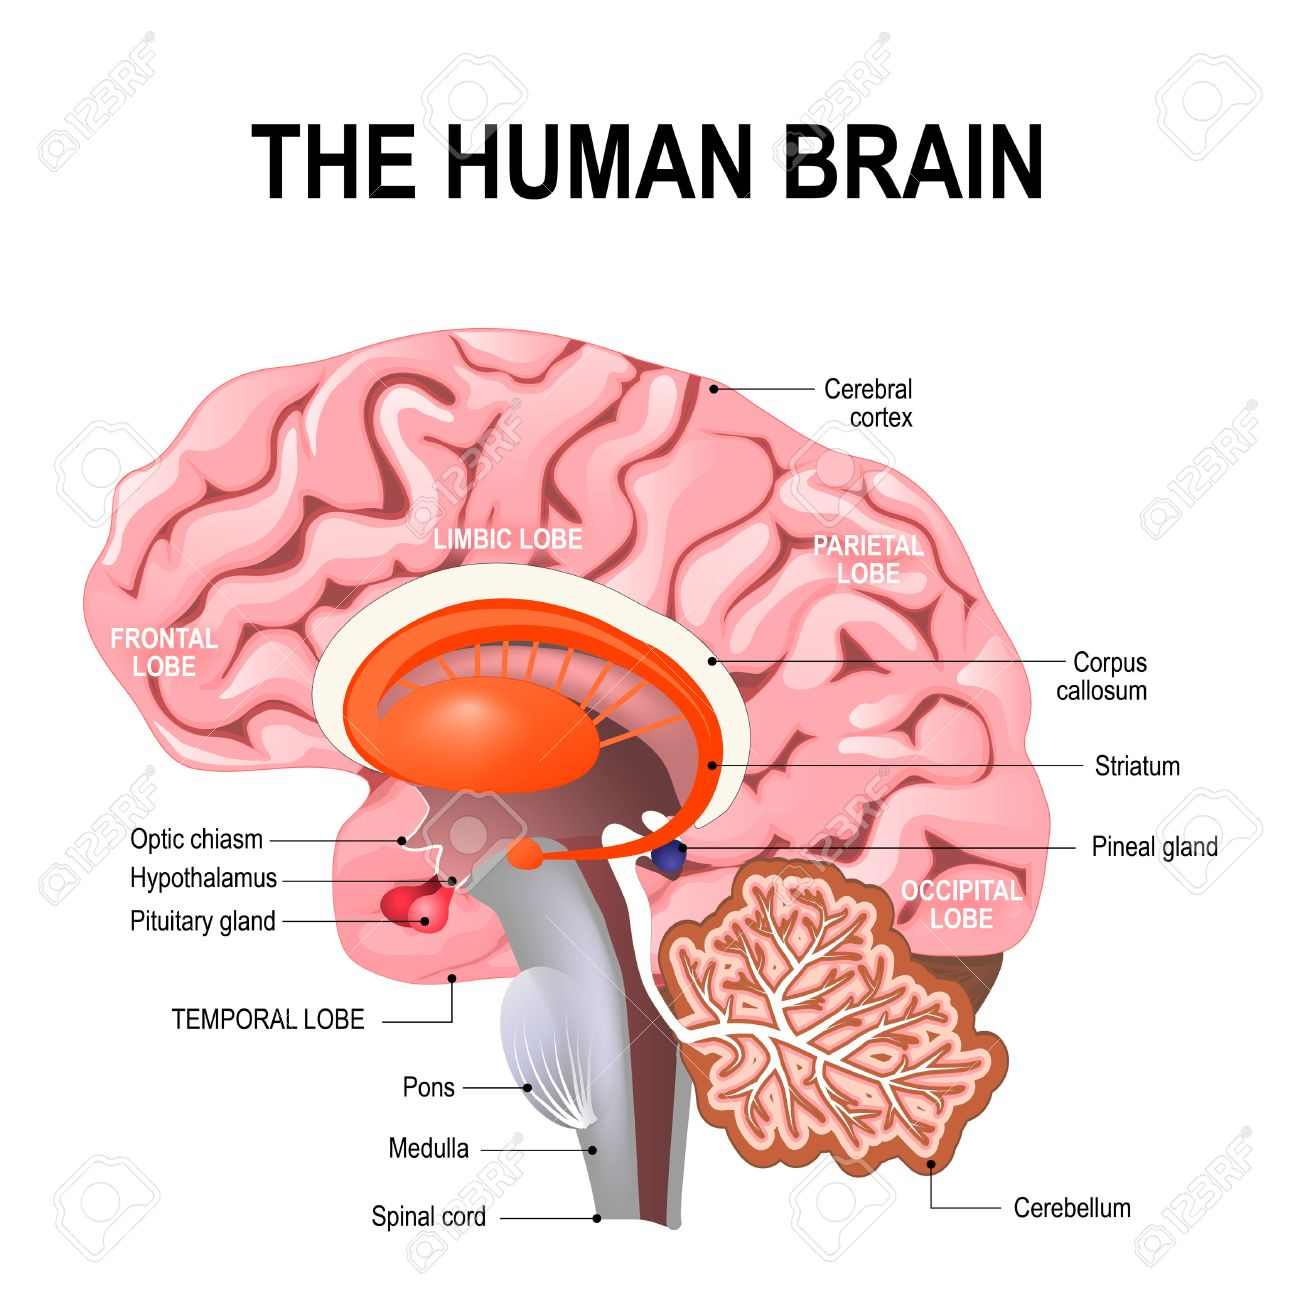 Anatomía Detallada Del Cerebro Humano. Ilustración Que Muestra El ...